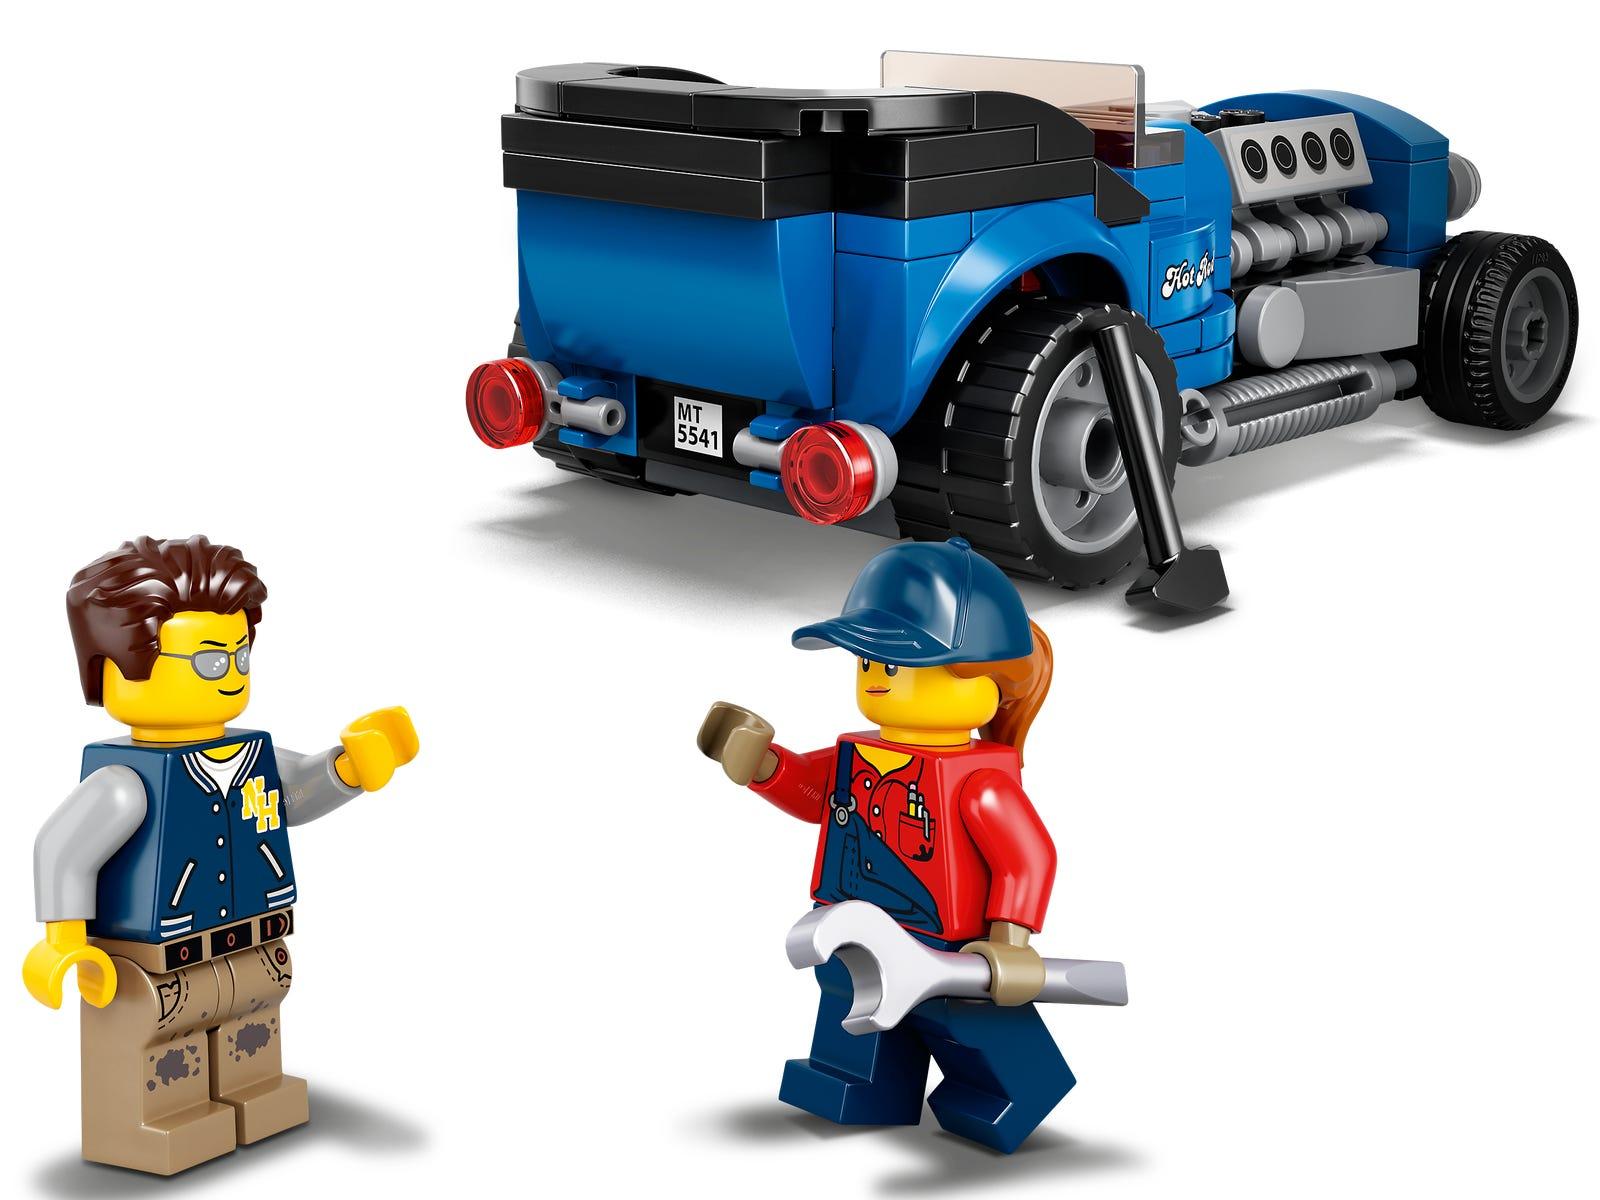 40409-box-hot-rod-lego-inhalt-rueckseite-2020 zusammengebaut.com